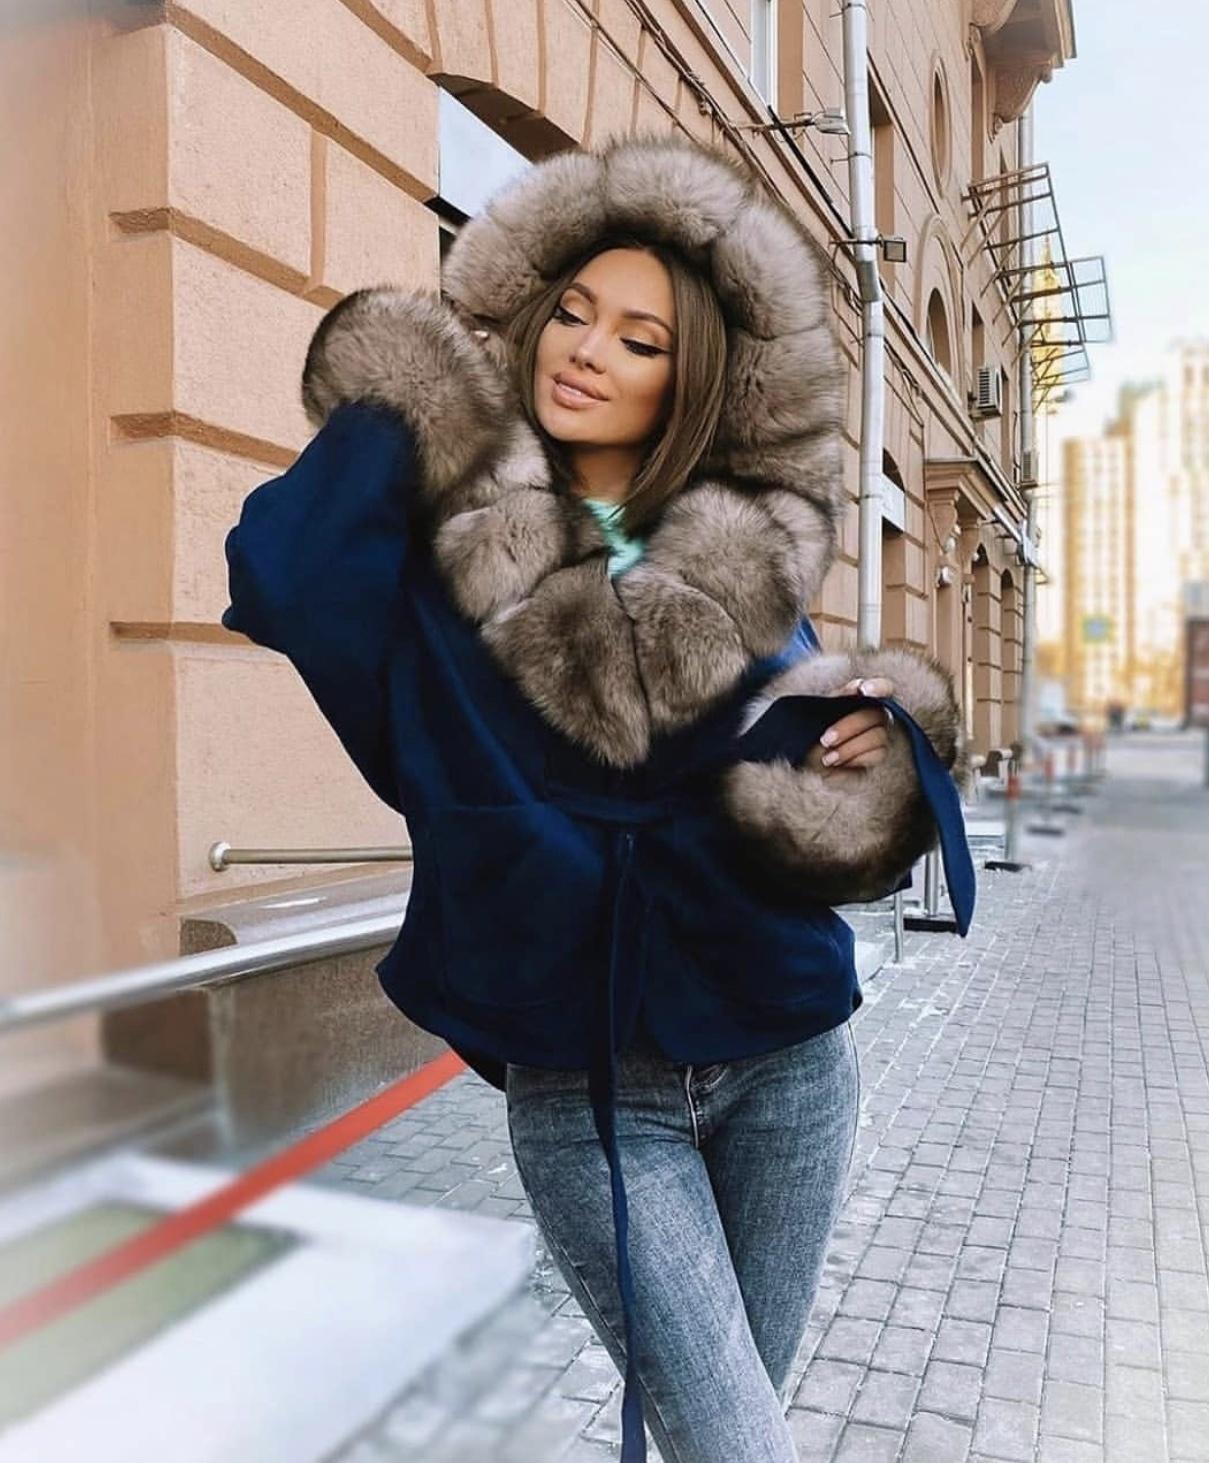 Кашемировые пальто Короткое темно-синее пальто с бежевым мехом финского песца